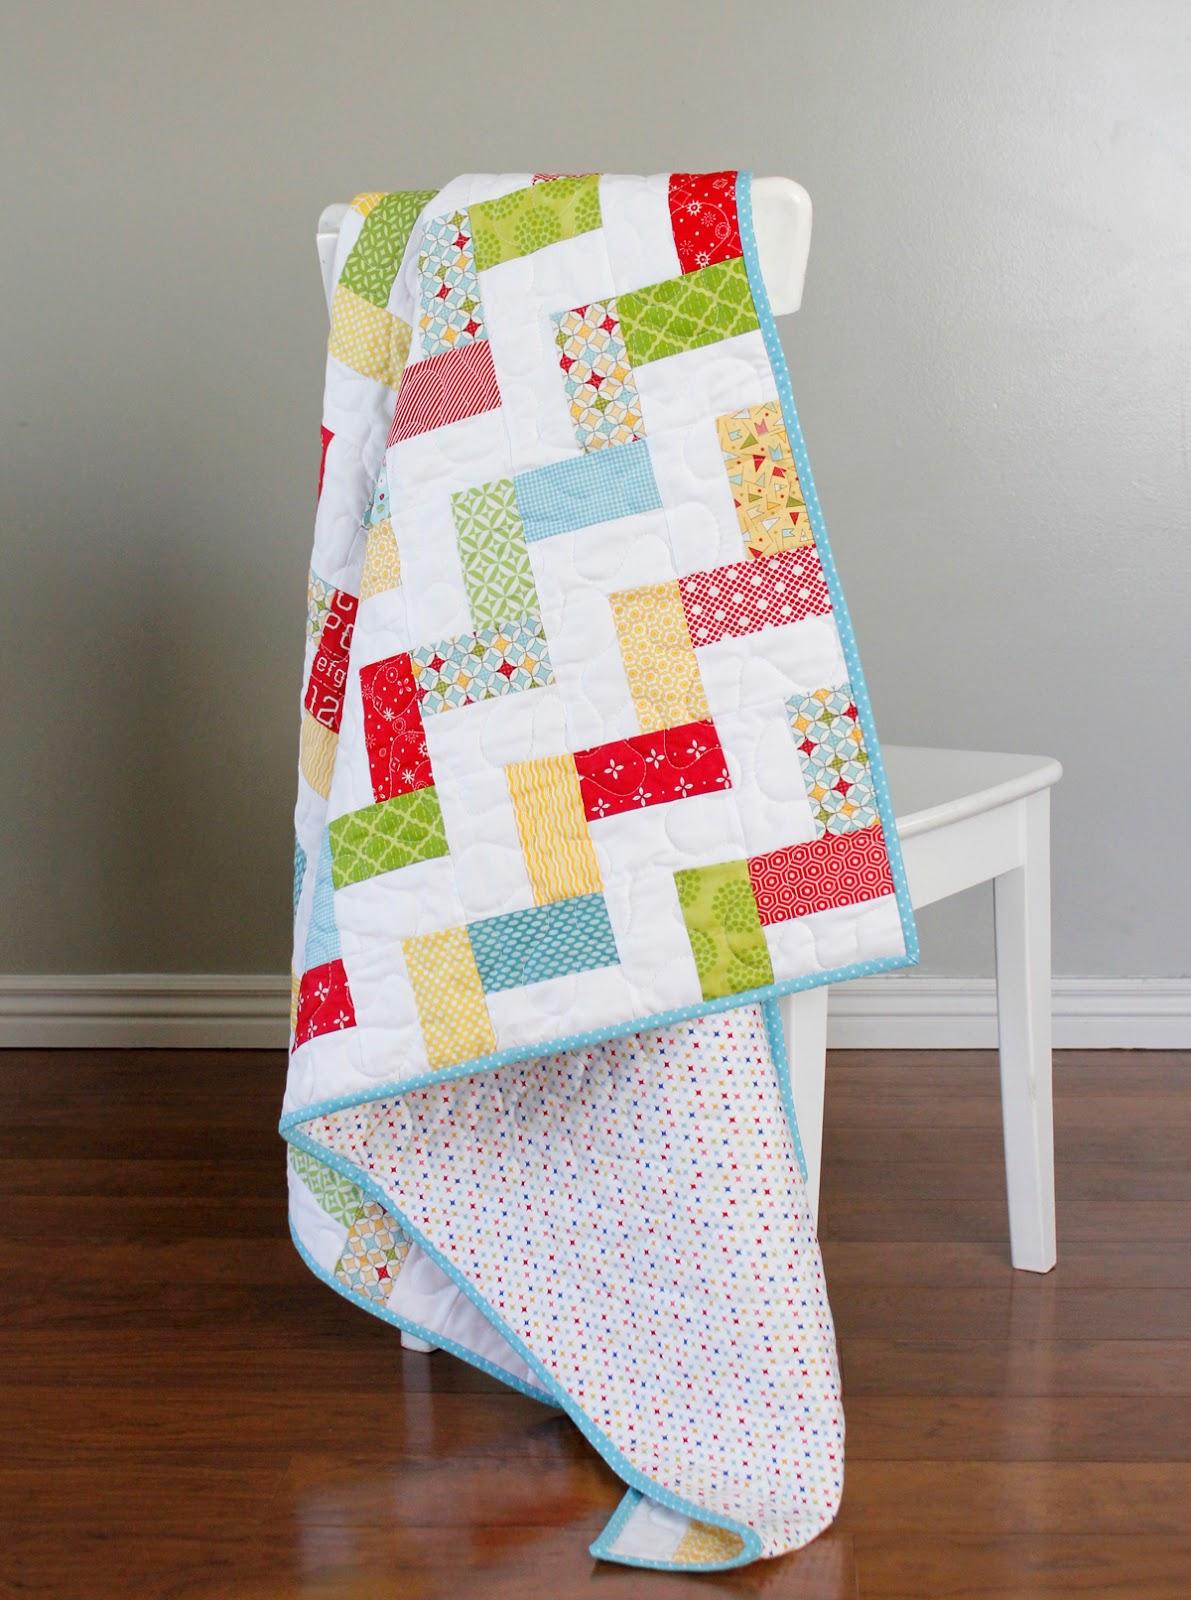 Baby Quilt Patterns.A Bright Corner Stairway Baby Quilt A Free Quilt Pattern